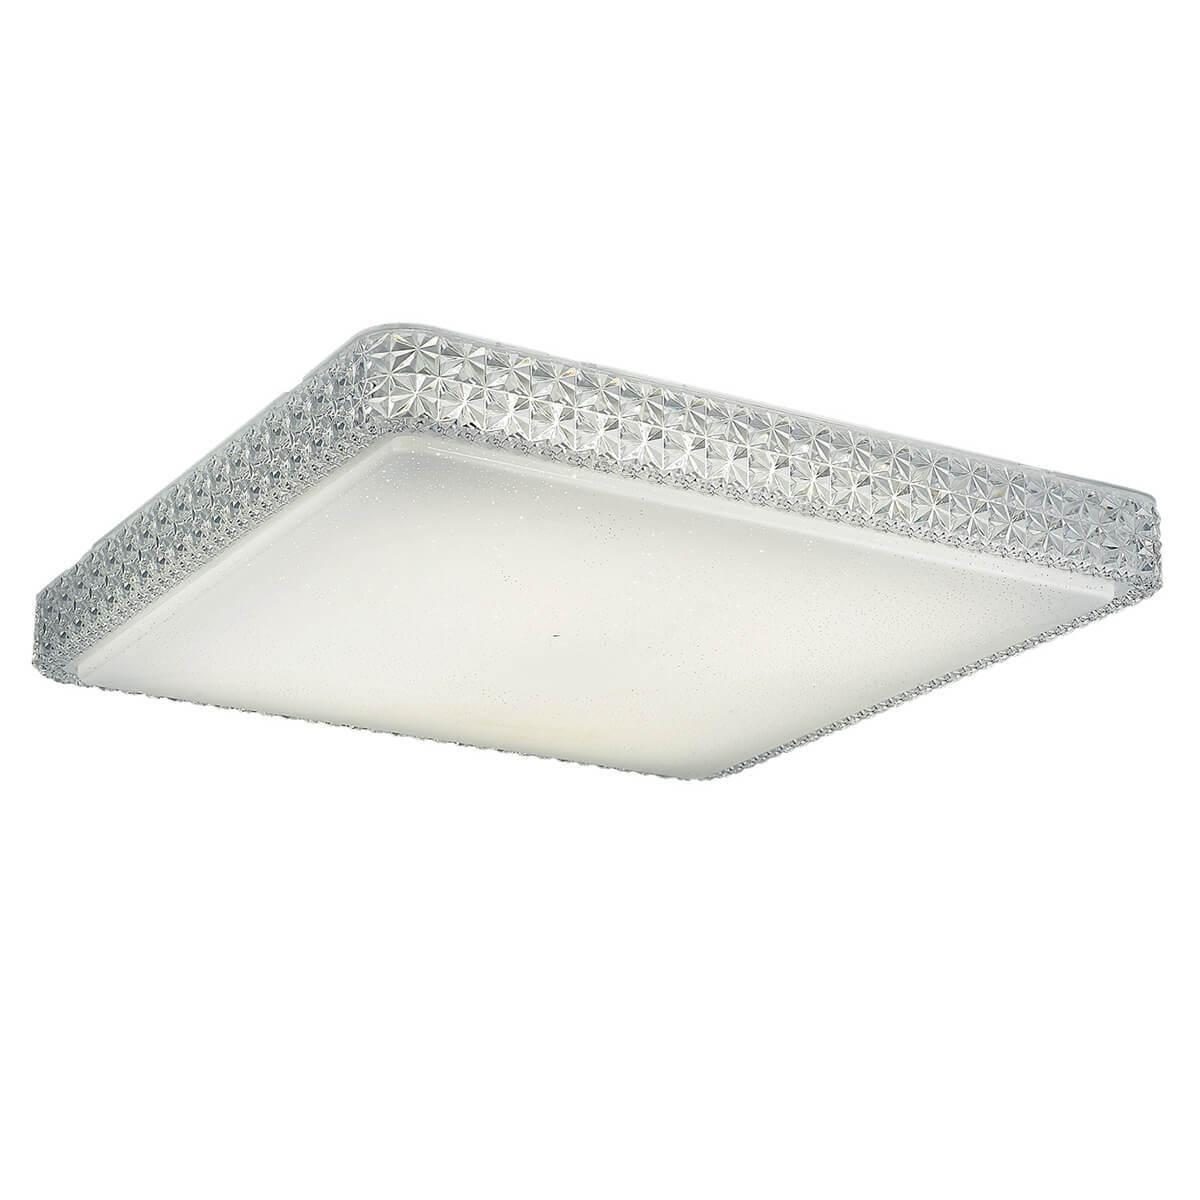 Потолочный светильник Omnilux OML-47717-60, LED, 60 Вт